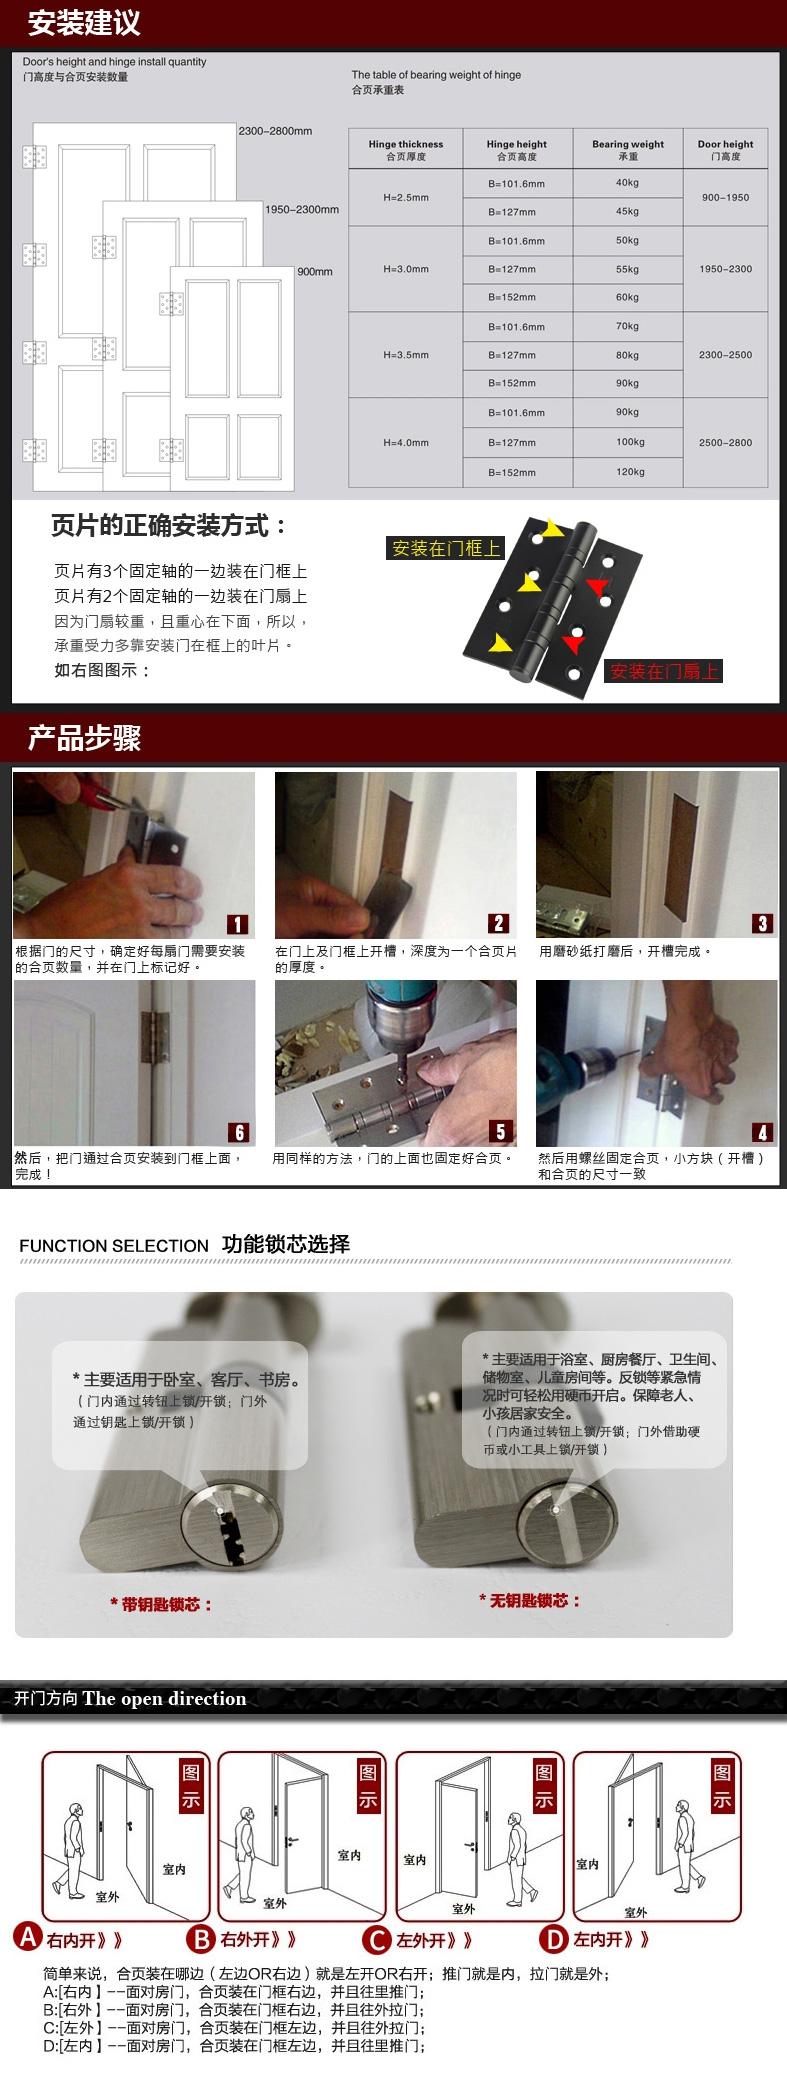 名门正品五金-不锈钢吸塑包装合页_05.jpg